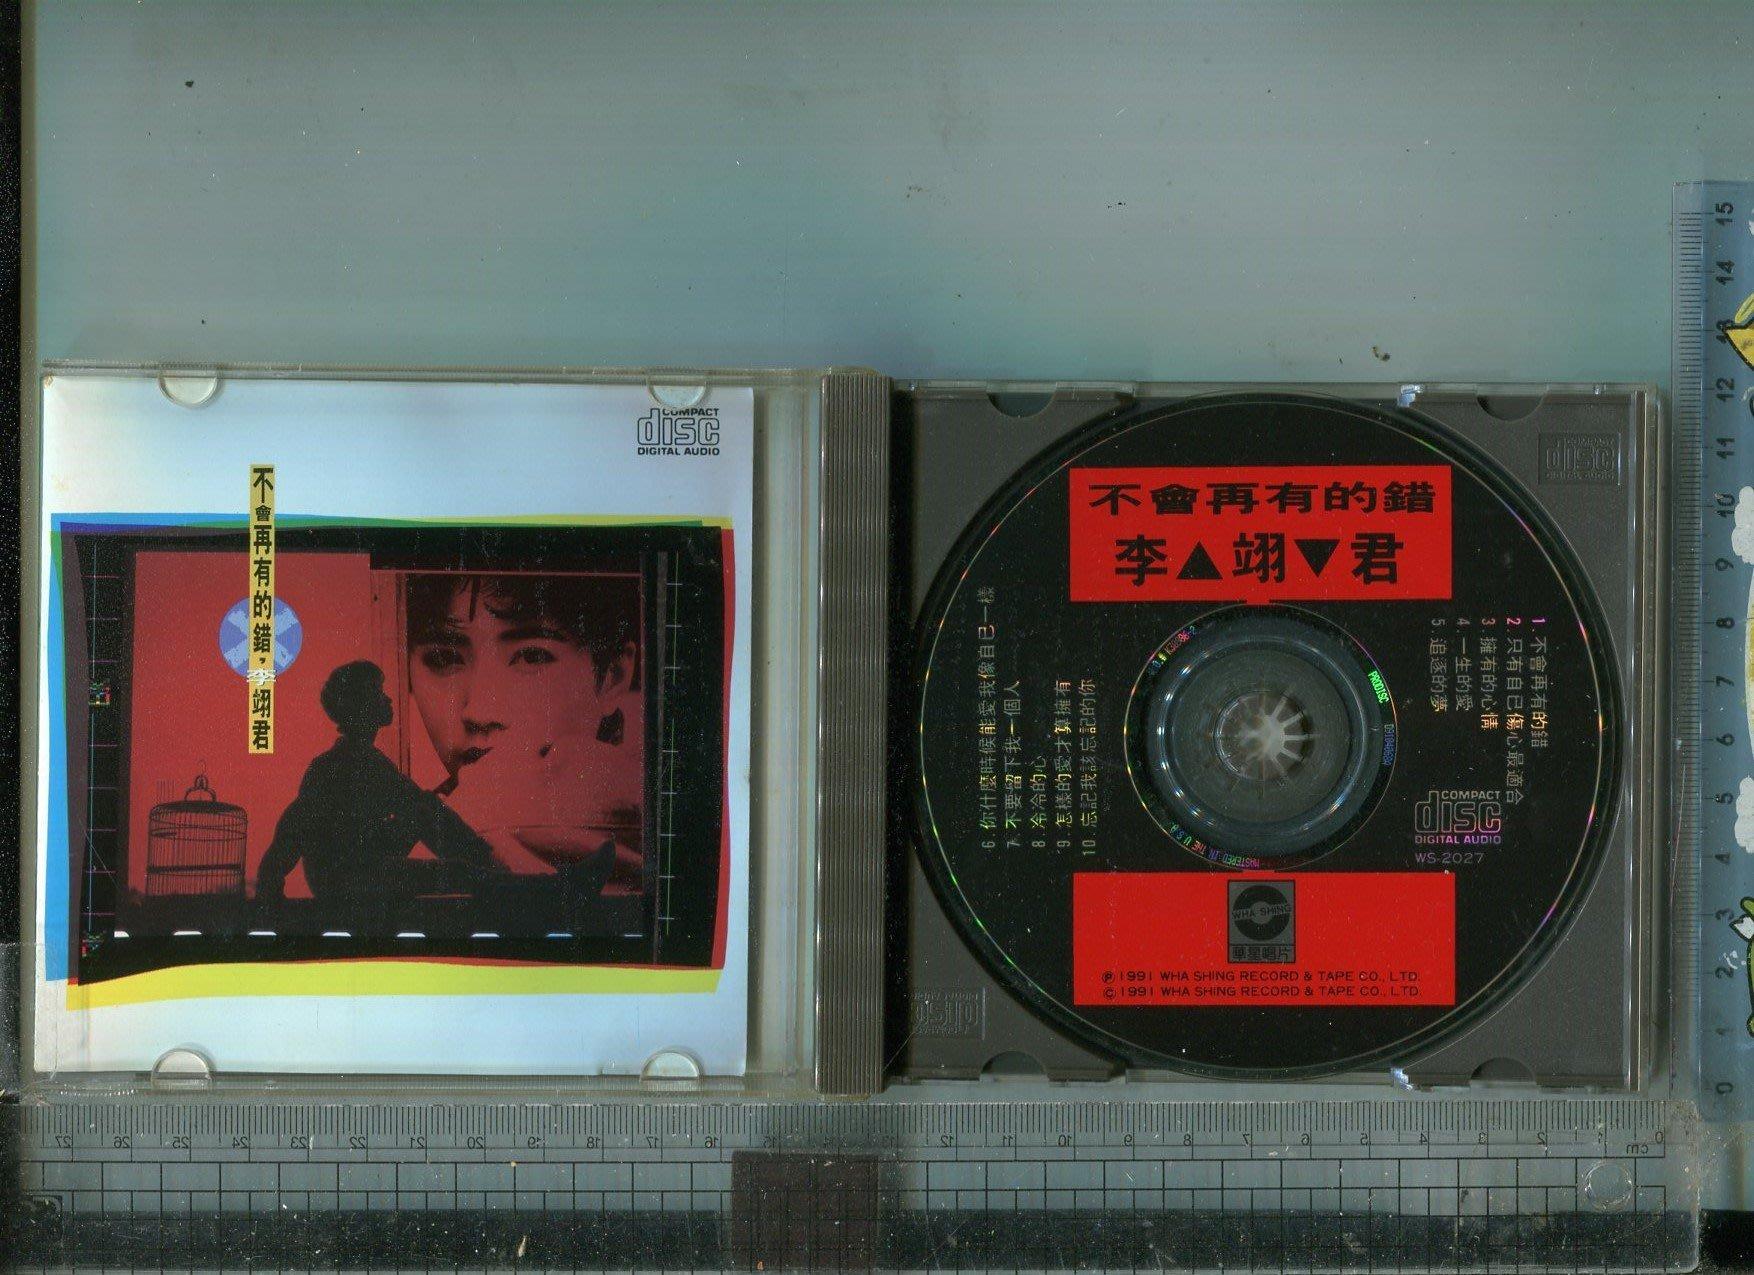 李翊君 不會再有的錯 華星唱片CD 1991 (MASTERED IN THE U.S.A.)